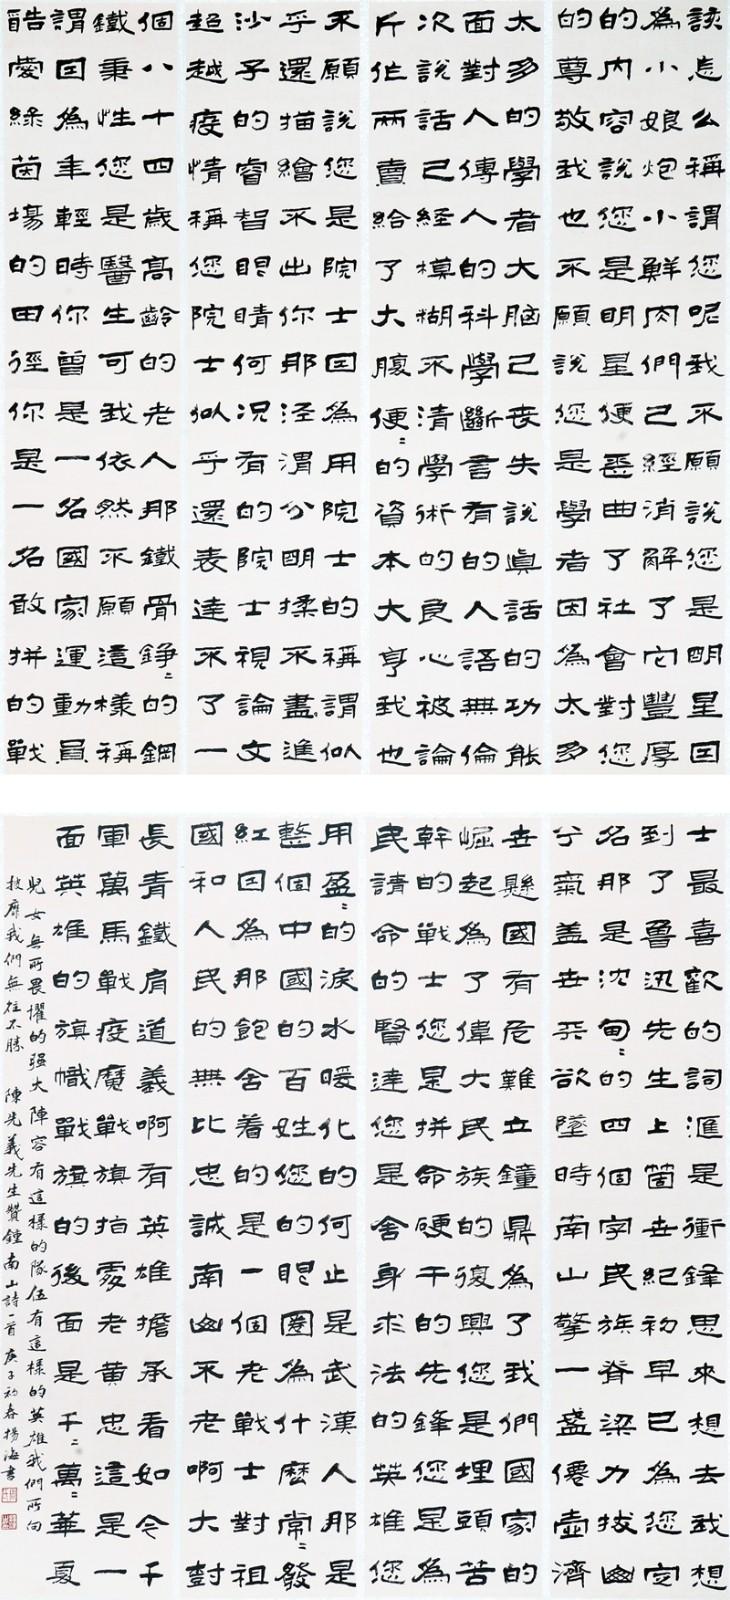 周杨海.jpg